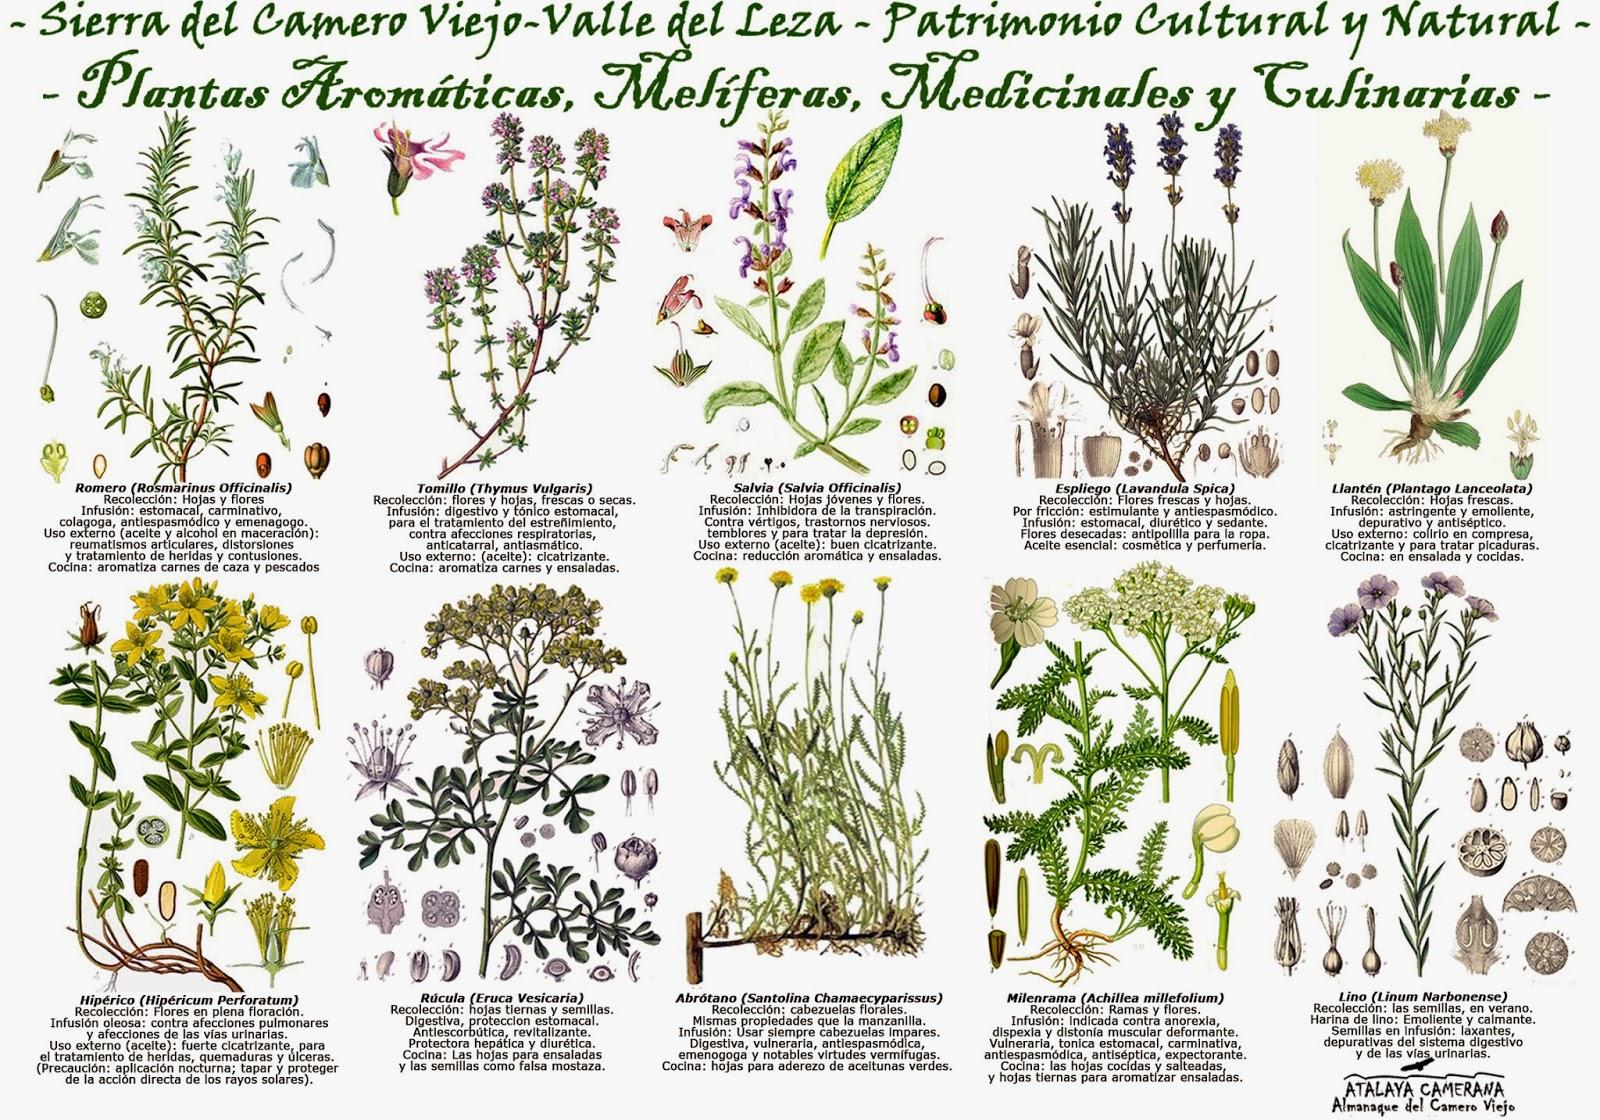 Atalaya camerana almanaque del camero viejo plantas for Plantas ornamentales y medicinales